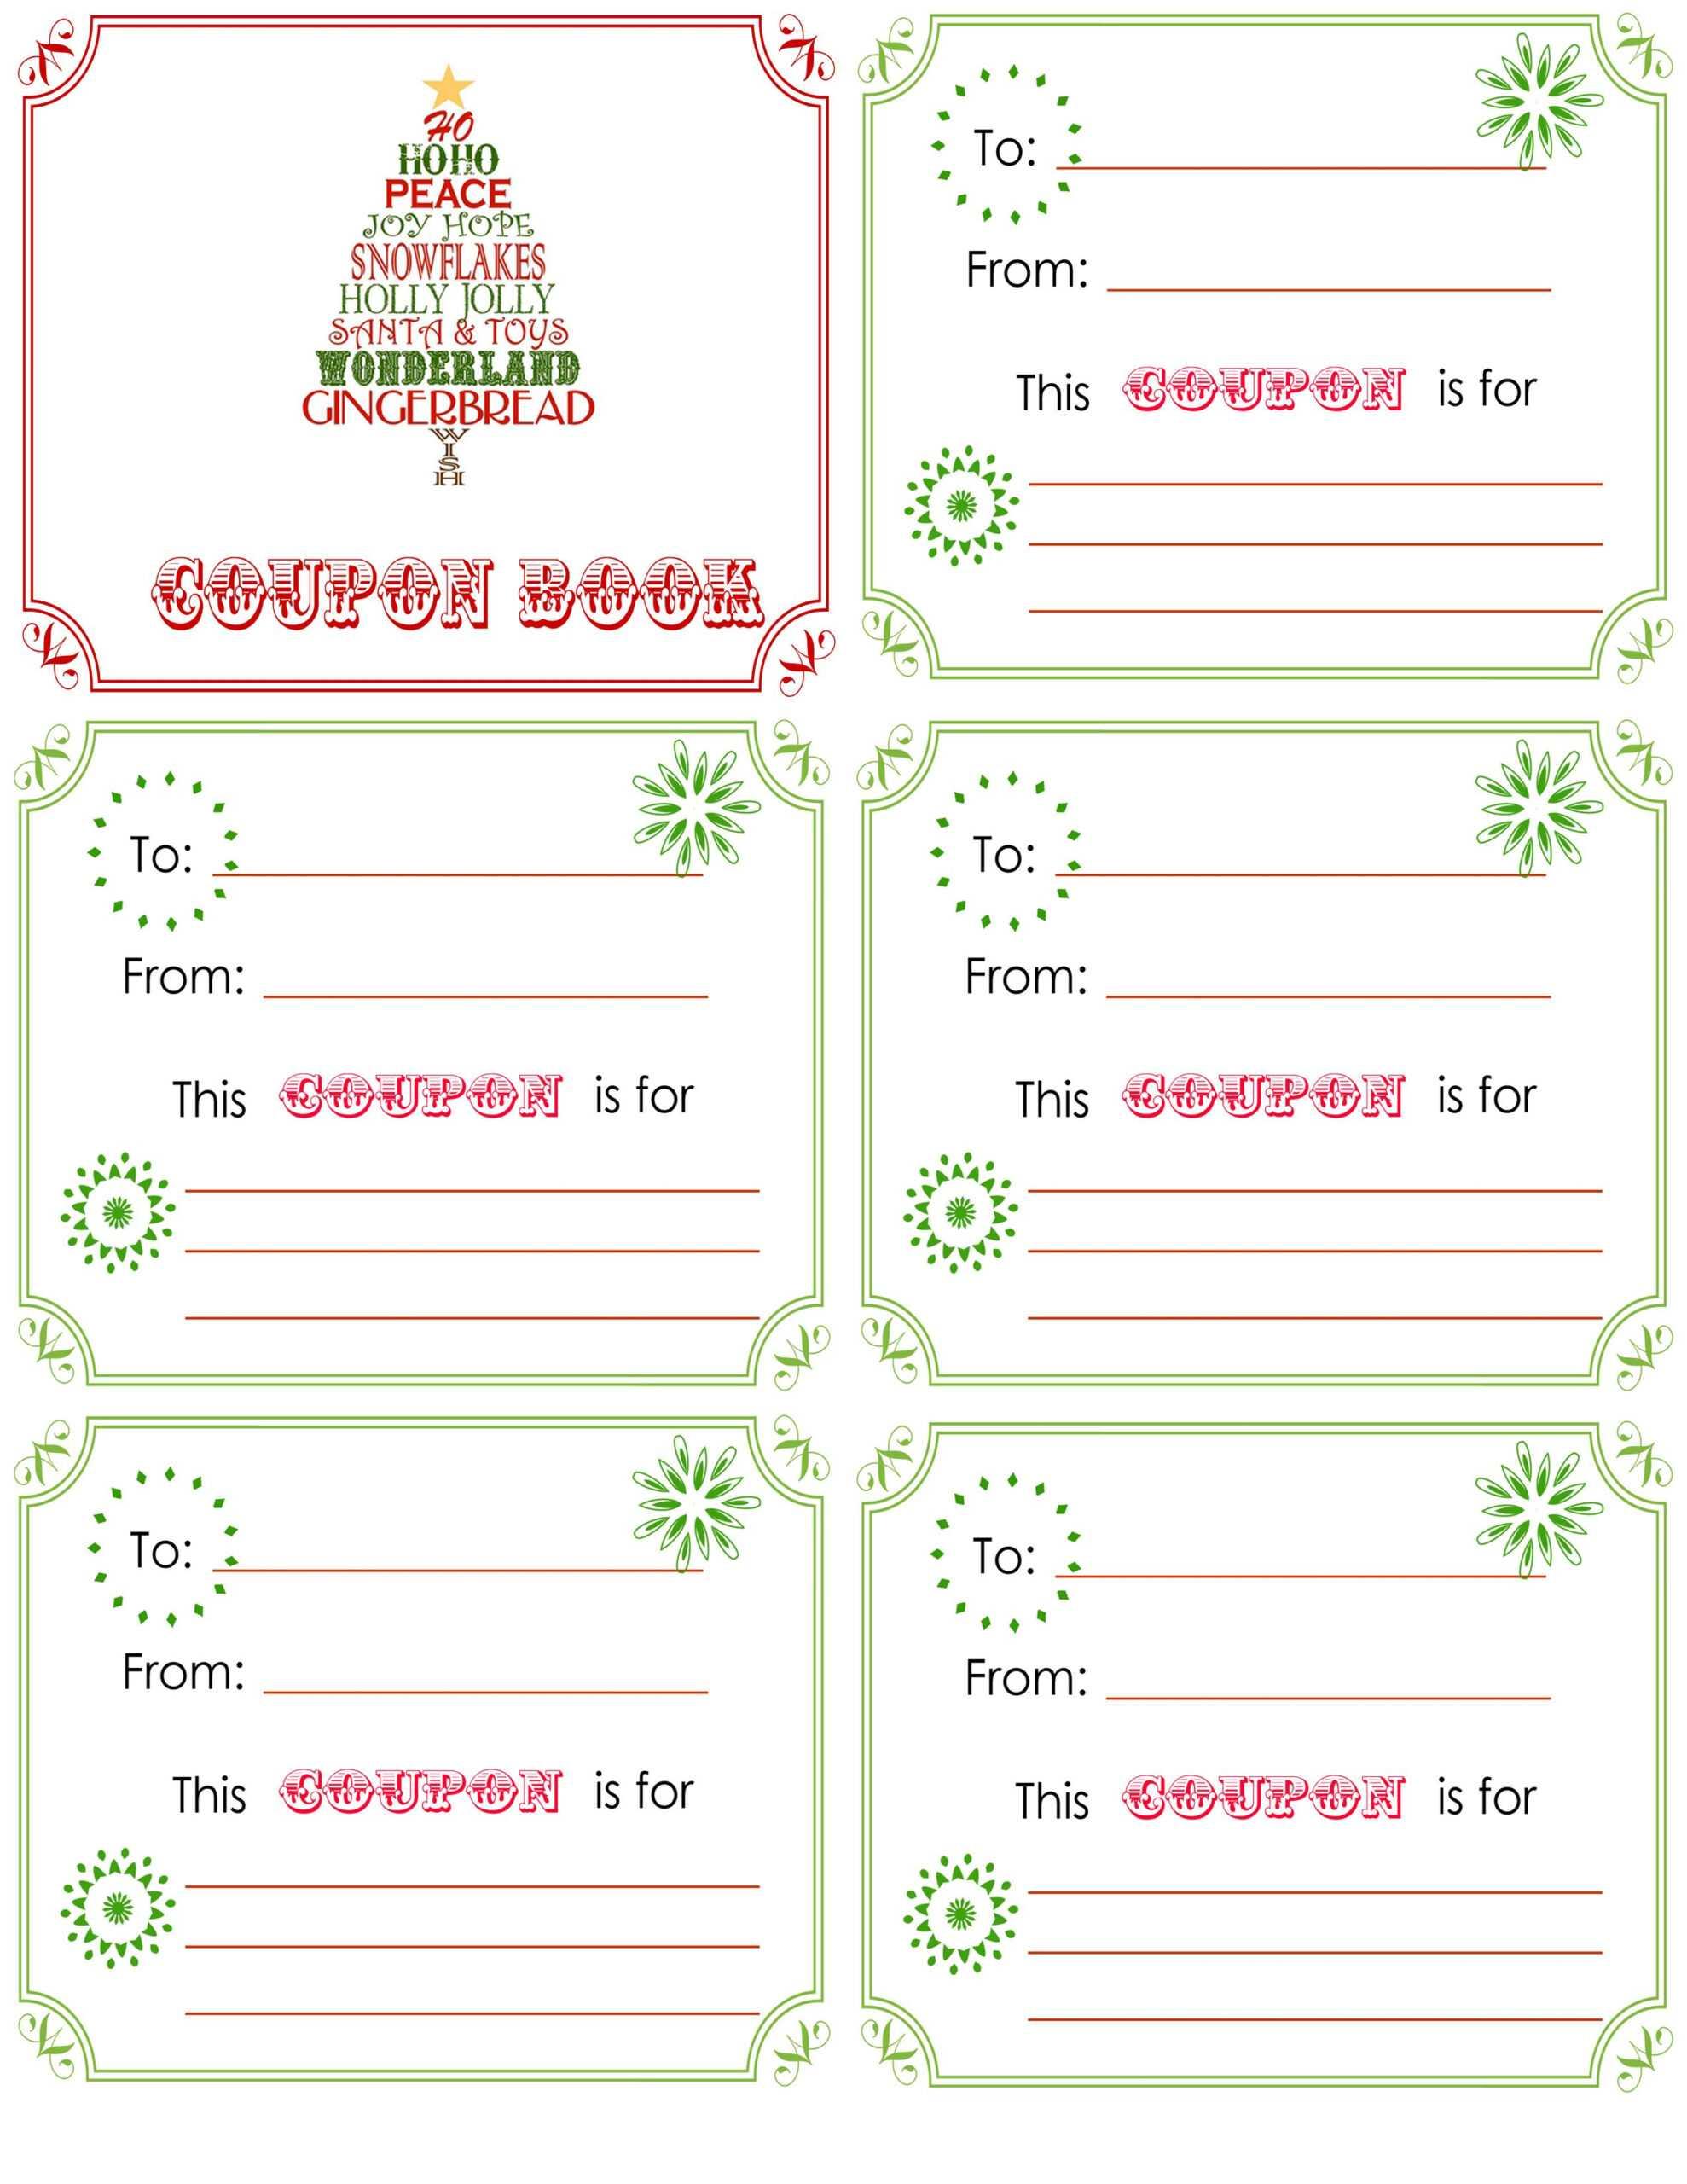 Printable+Christmas+Coupon+Book+Template | Christmas Card Pertaining To Coupon Book Template Word